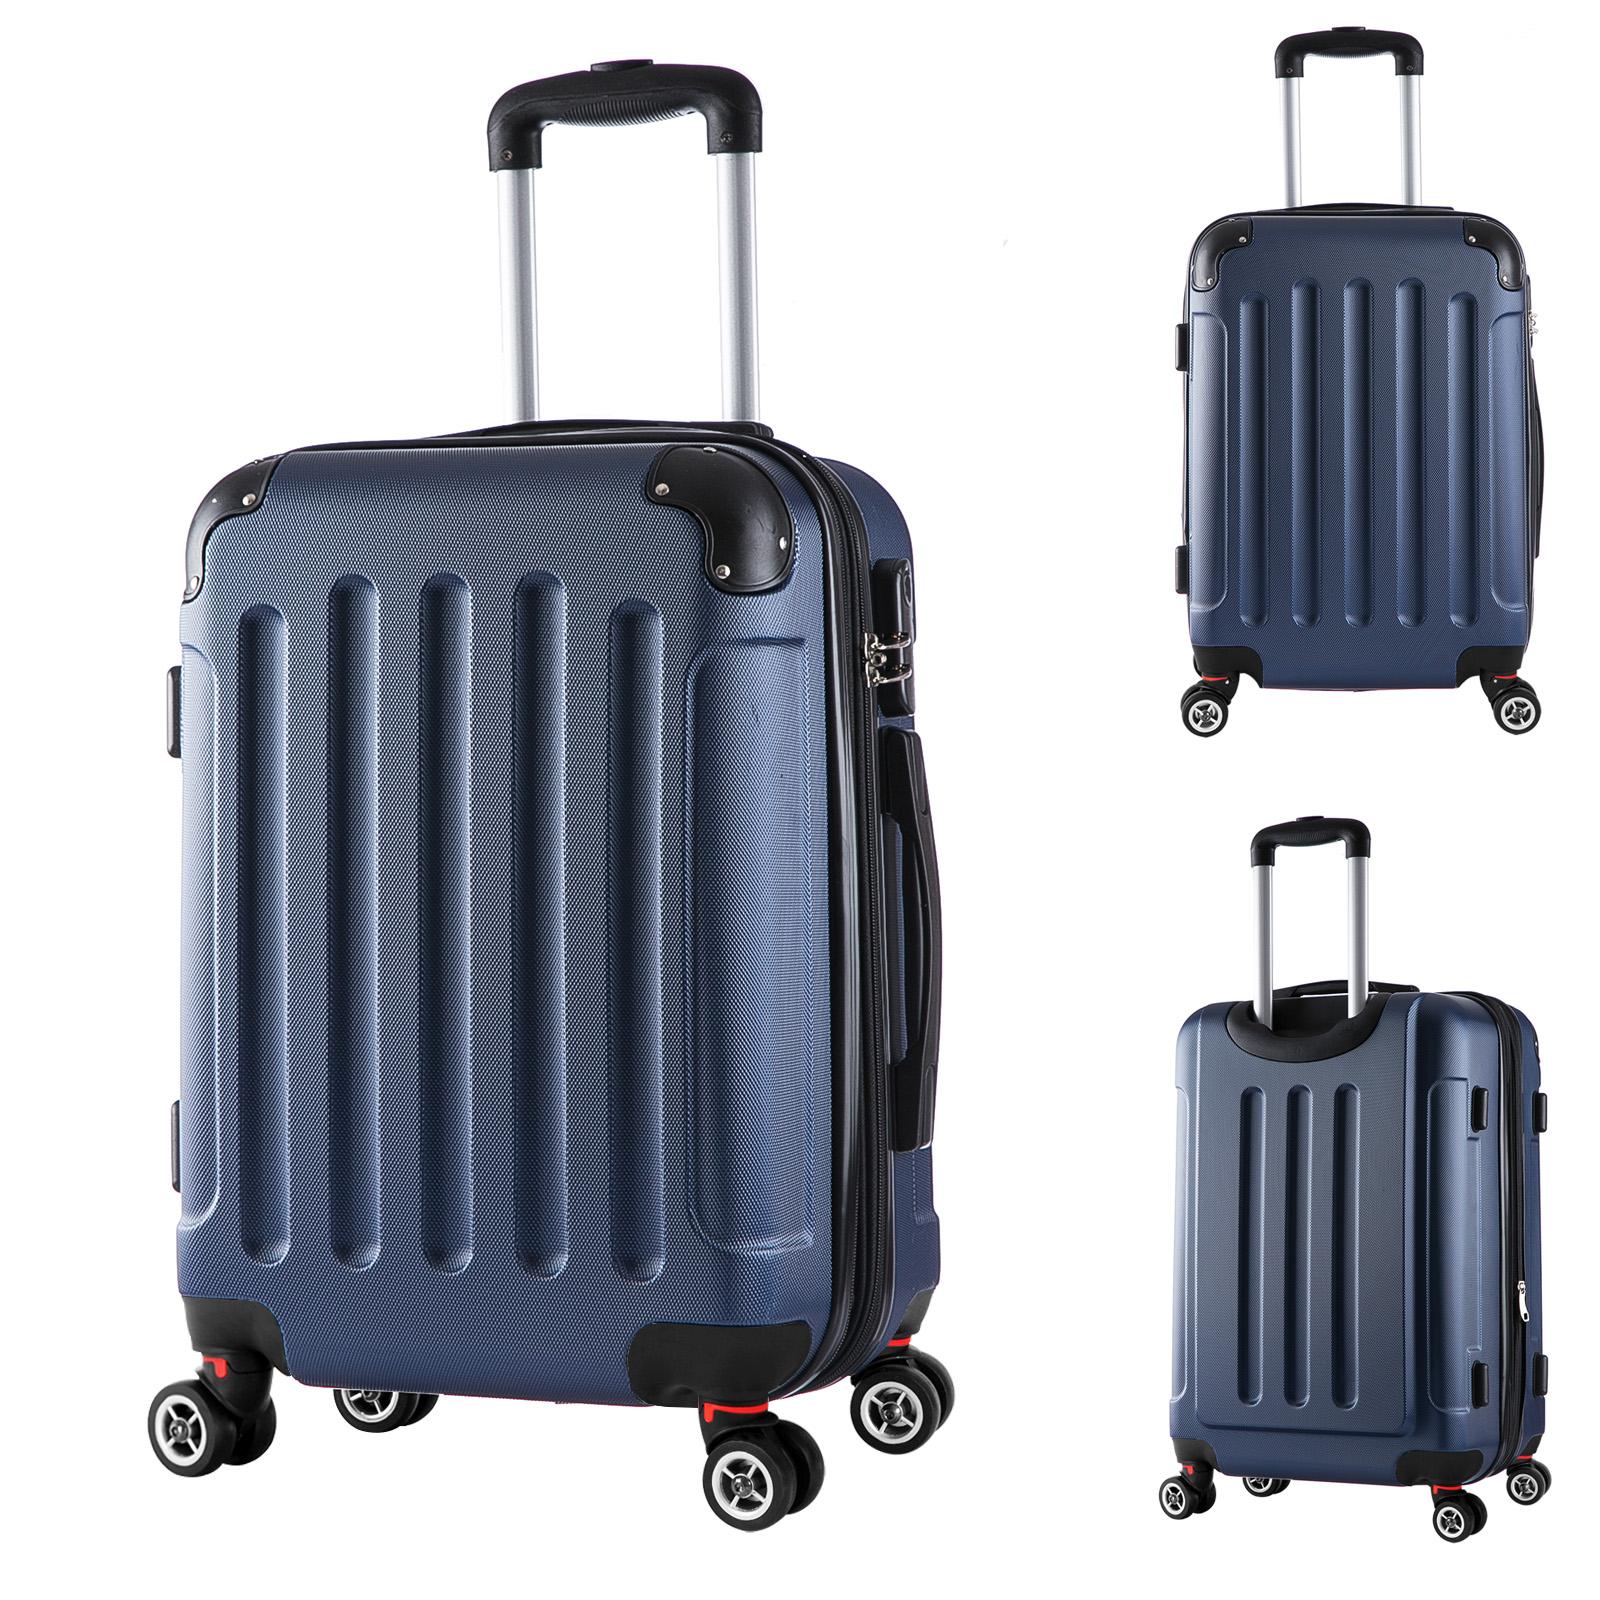 reisekoffer trolley hartschalen reise koffer mit 4 rollen blau l rk4204bl l. Black Bedroom Furniture Sets. Home Design Ideas